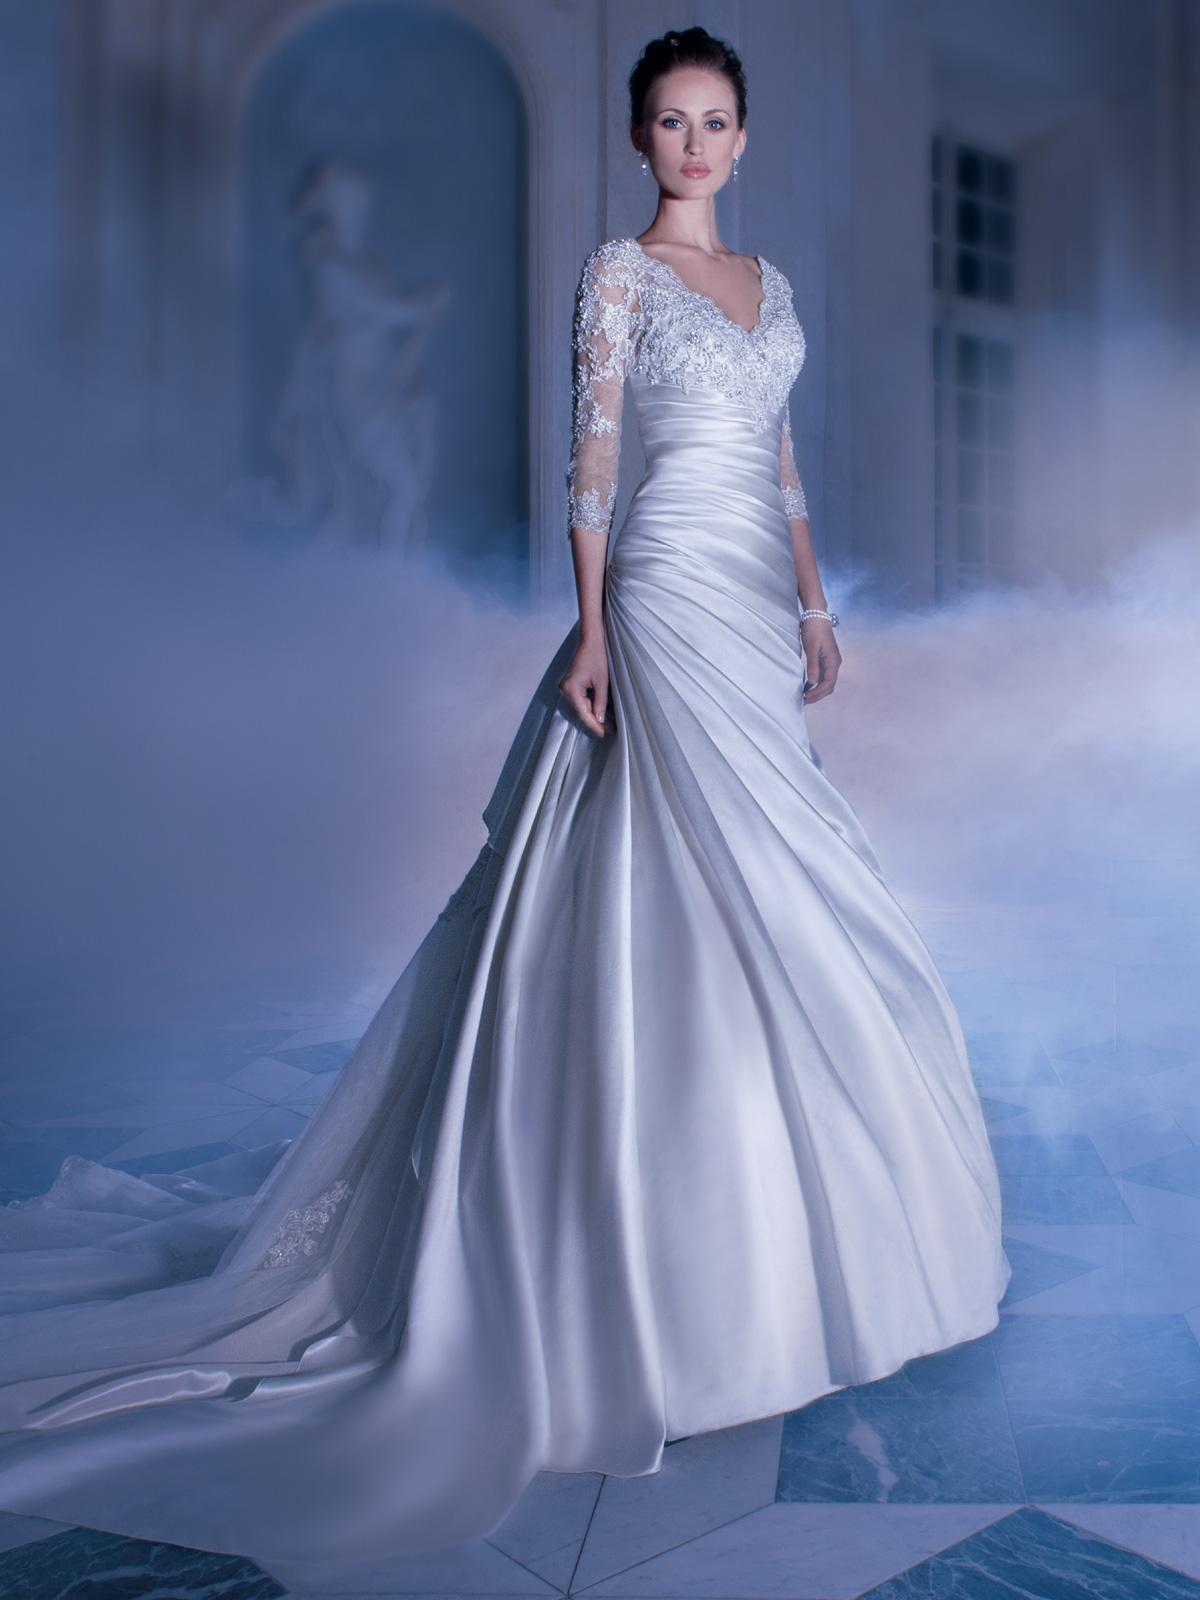 Vestido de Noiva com mangas e decoteem renda, corpo drapeado e saia em cetim, detalhe da renda no meio da cauda.